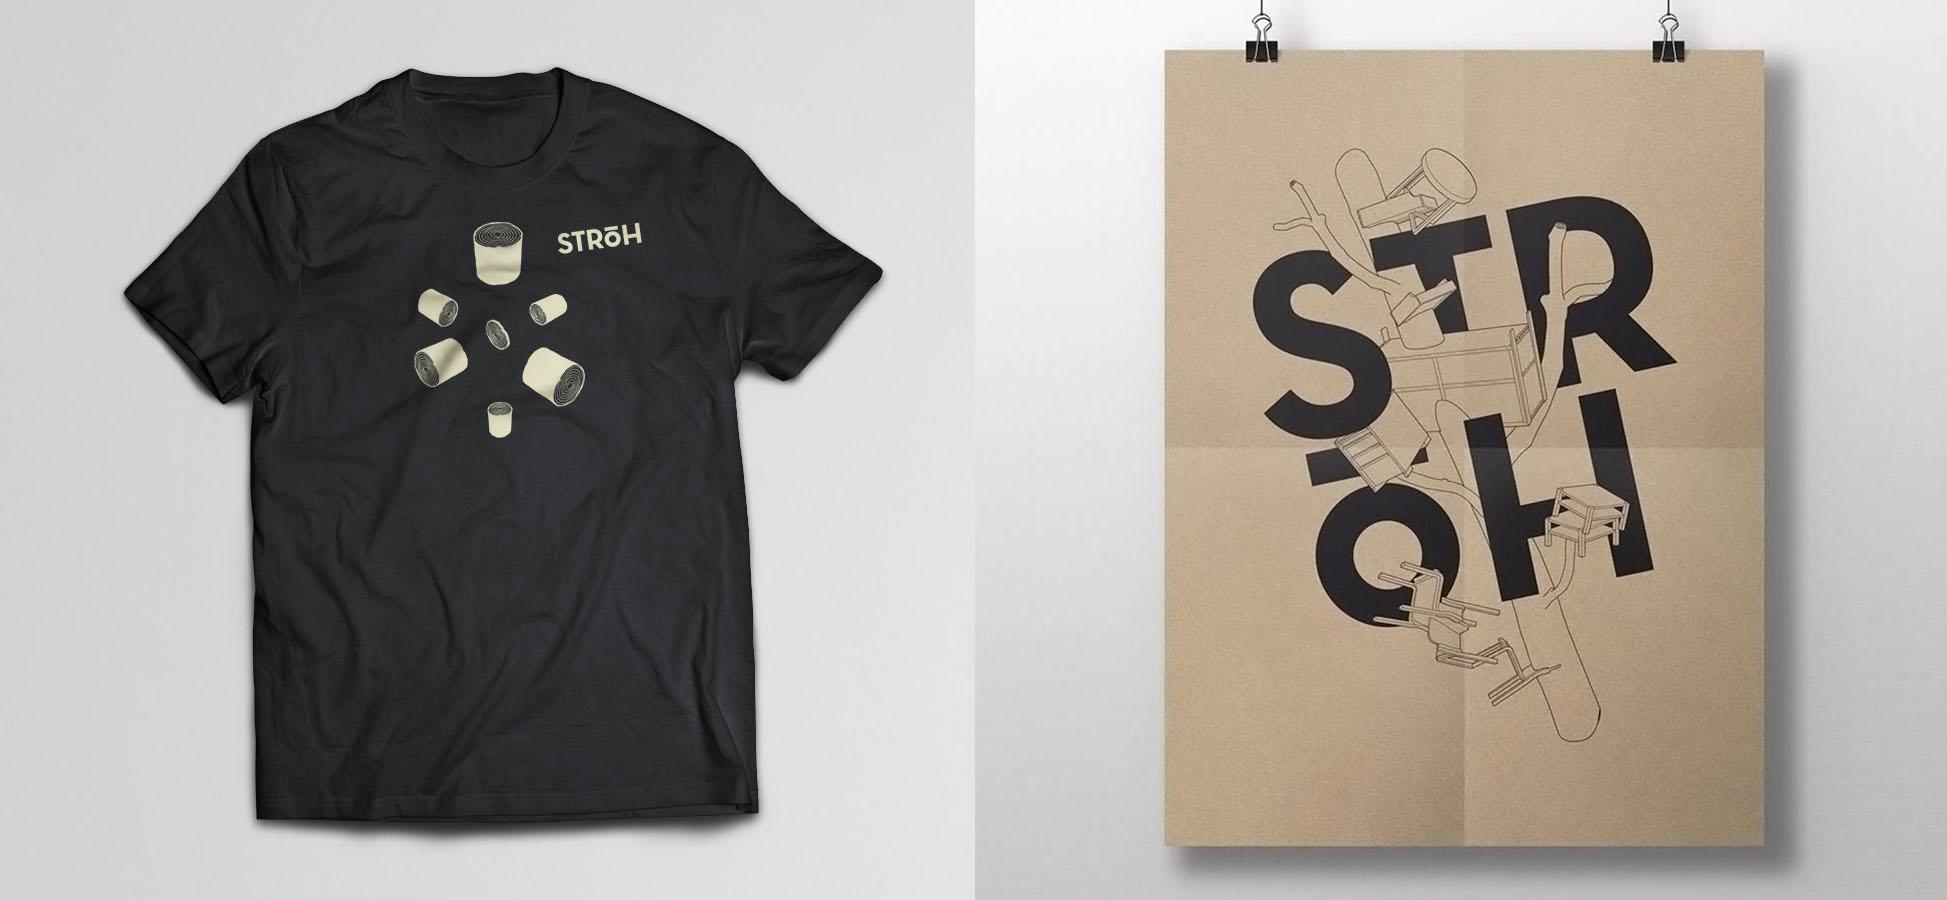 stroeh_shirt poster